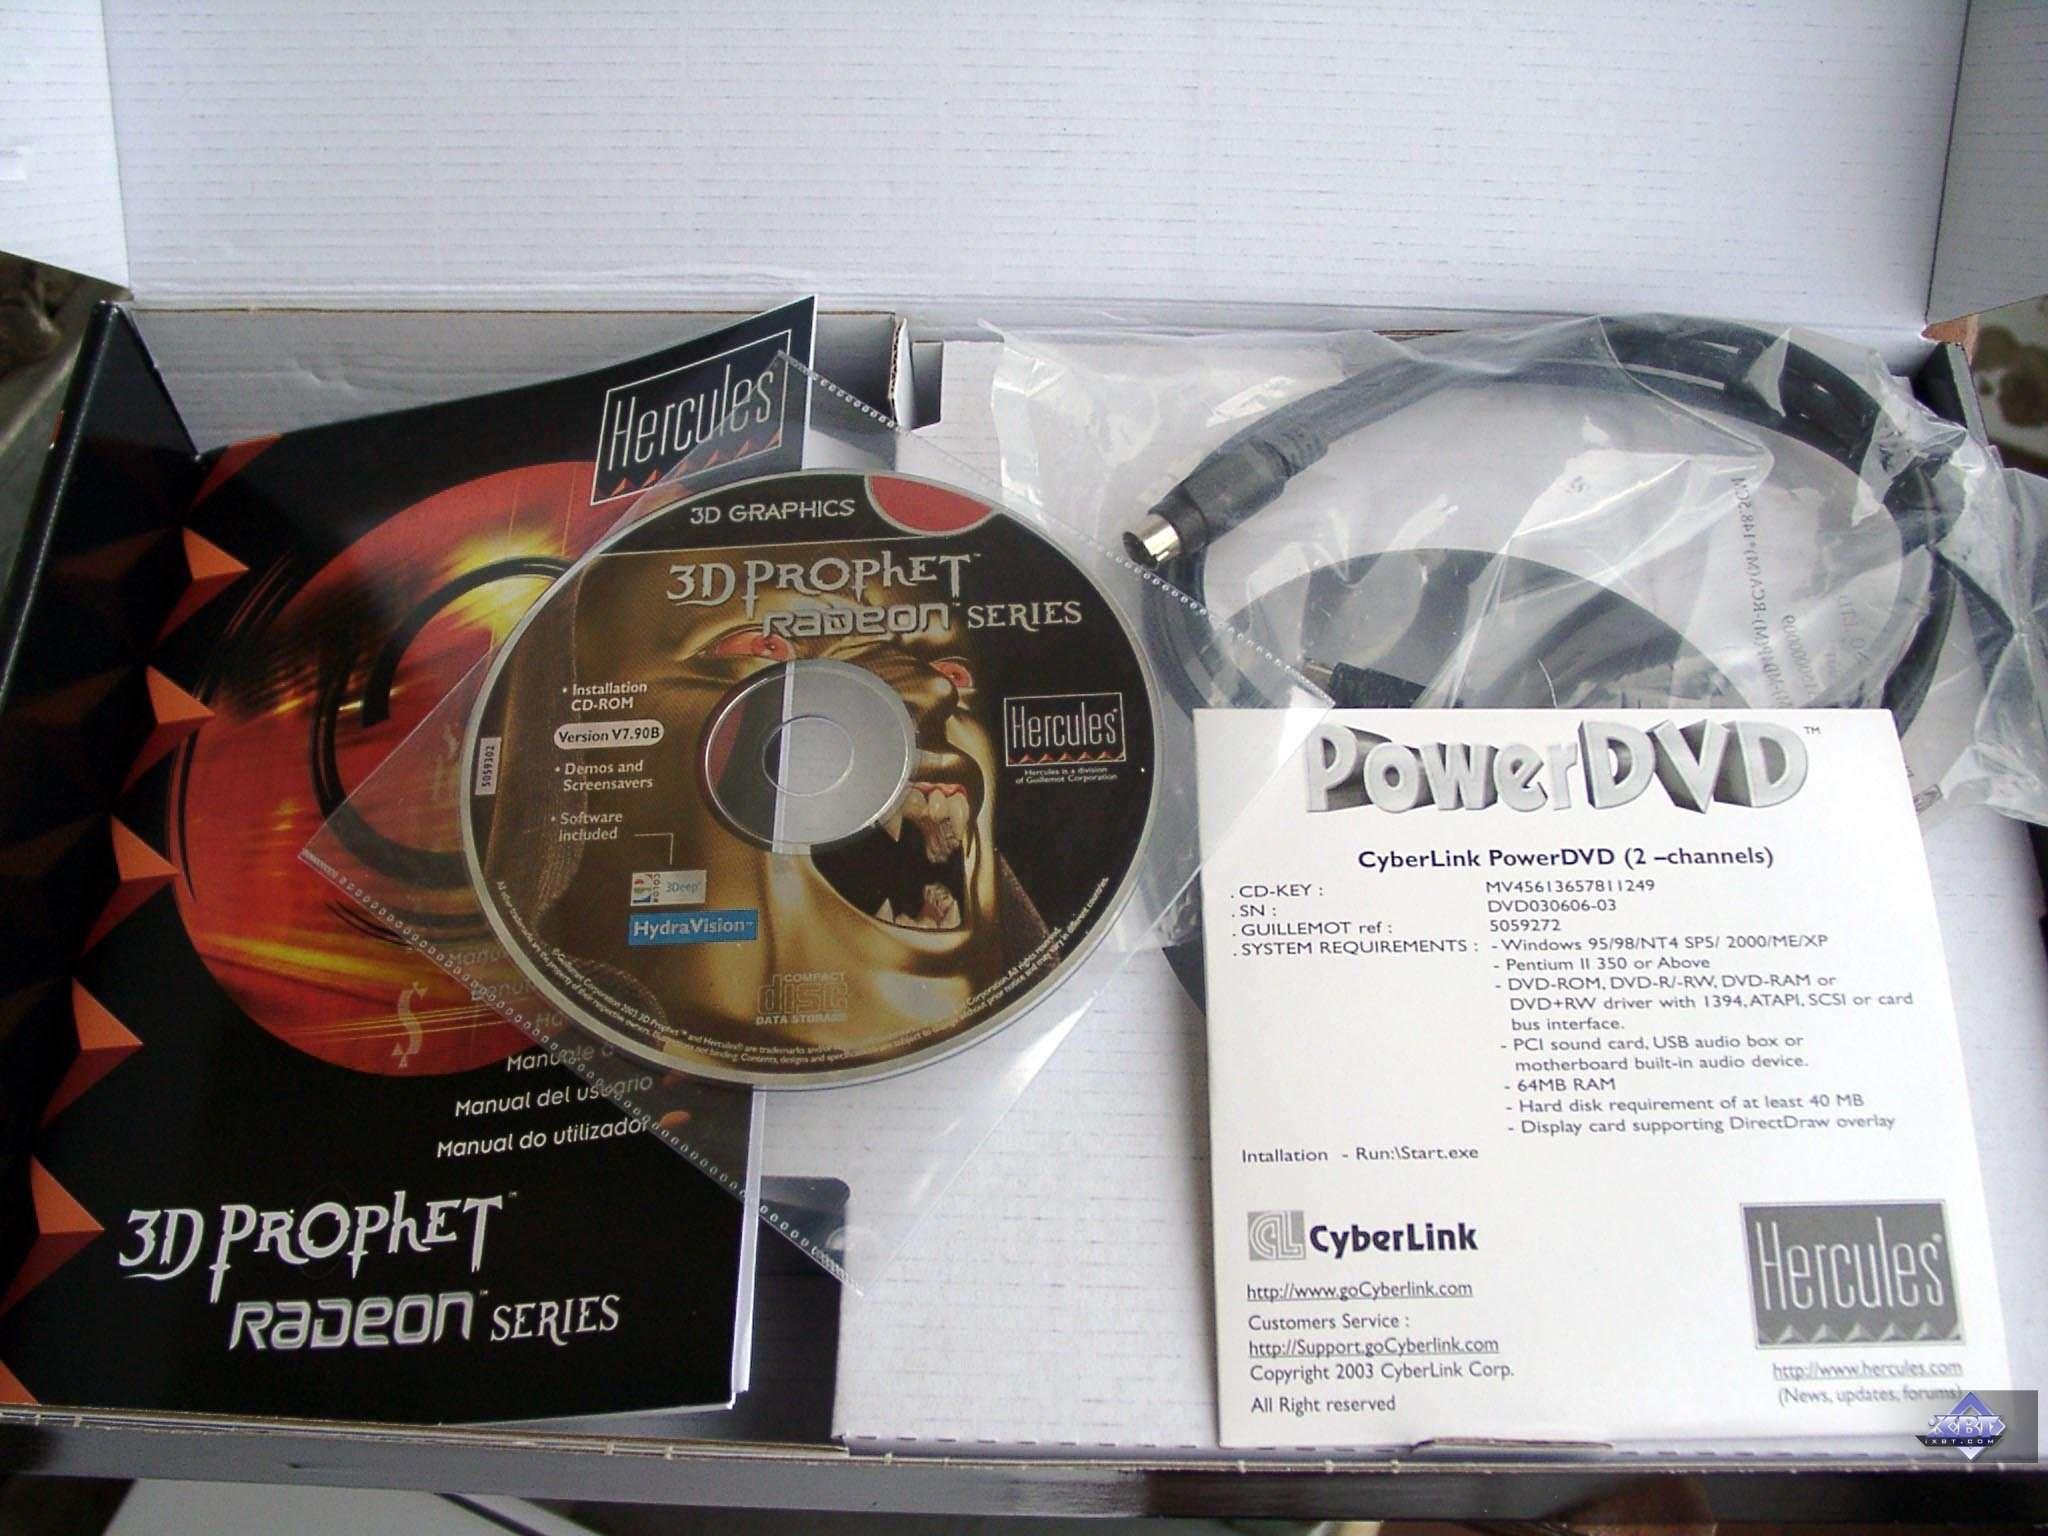 скачать драйвер для видеокарты radeon 9600 pro характеристика